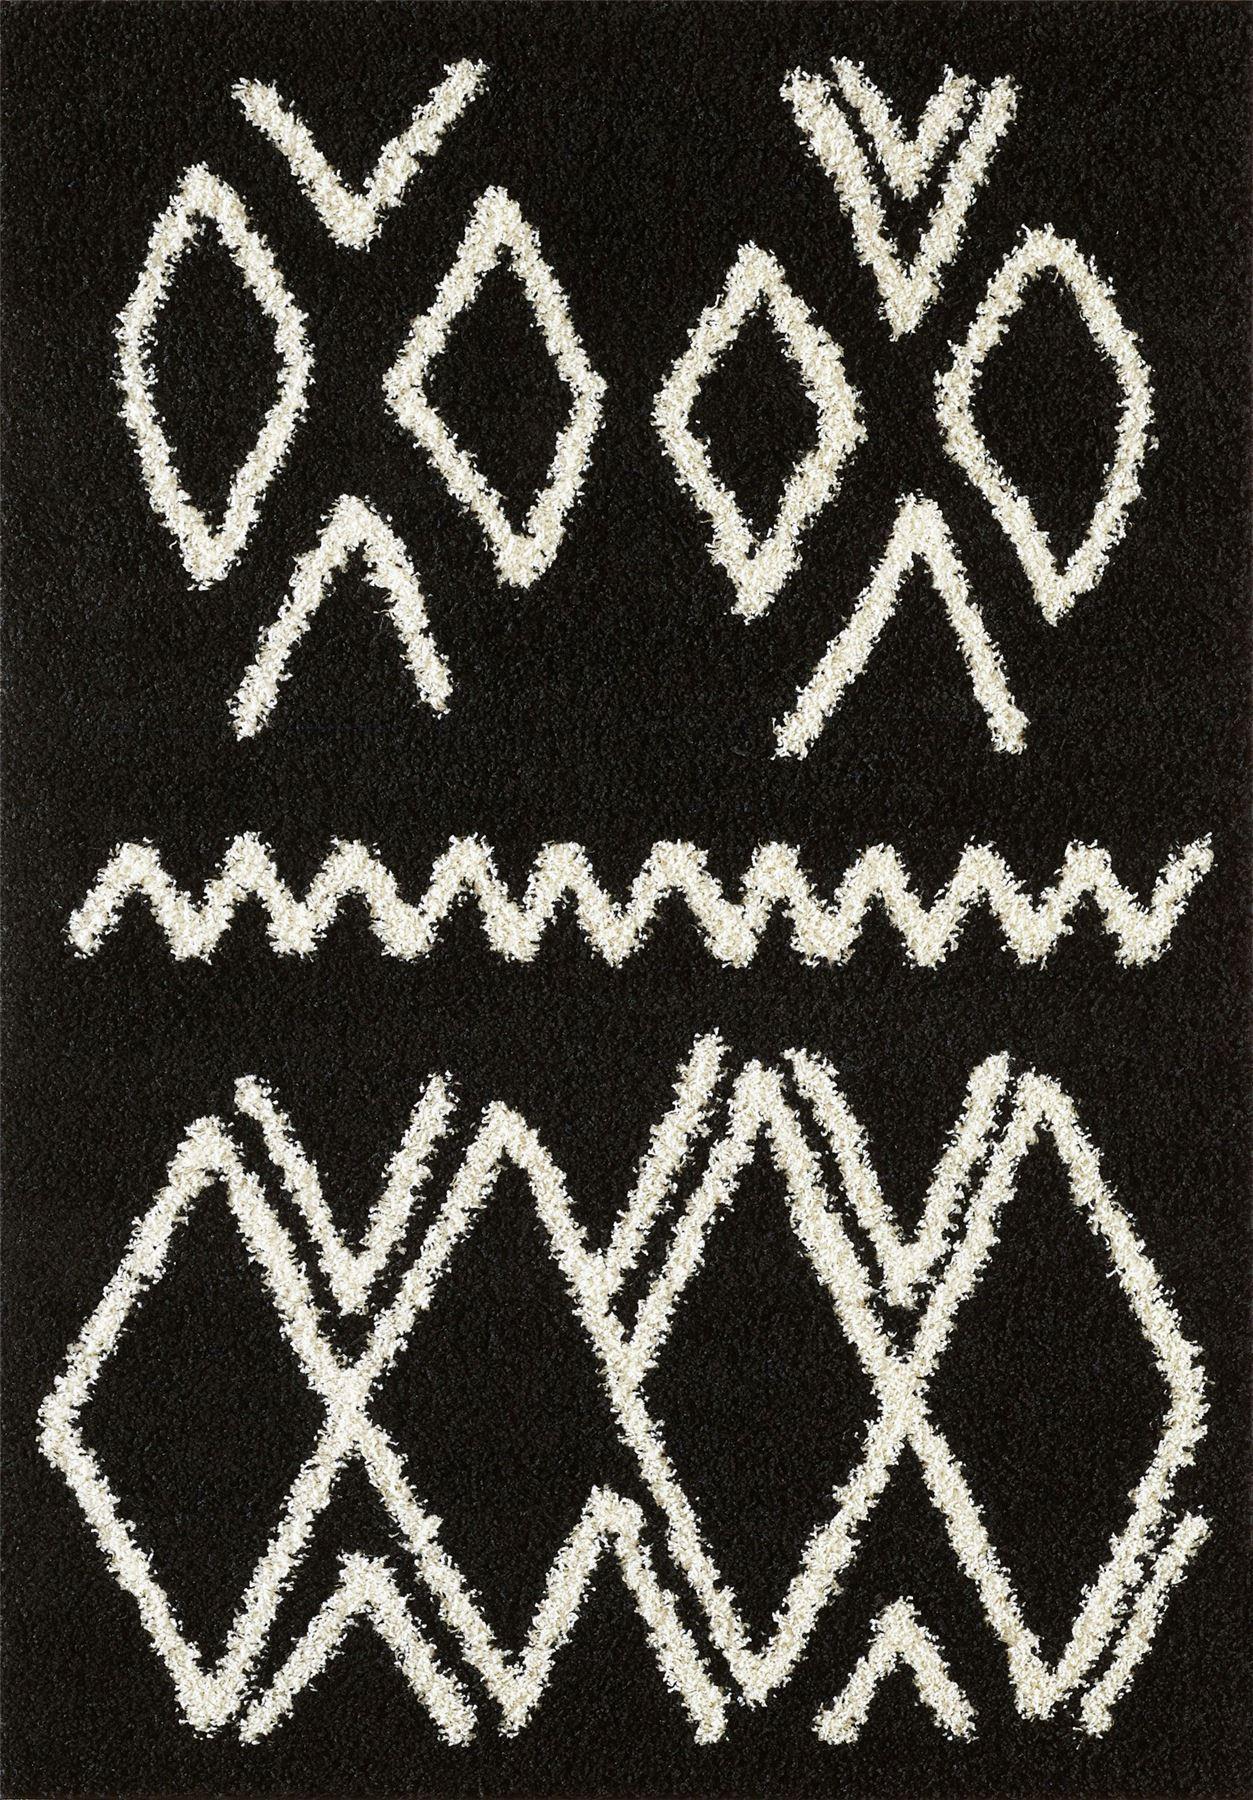 Tappeto-A2Z-Nero-Grigio-Avorio-tradizionale-marocchina-Shaggy-Berber-Boho-Tribal-3cm-Pile miniatura 64